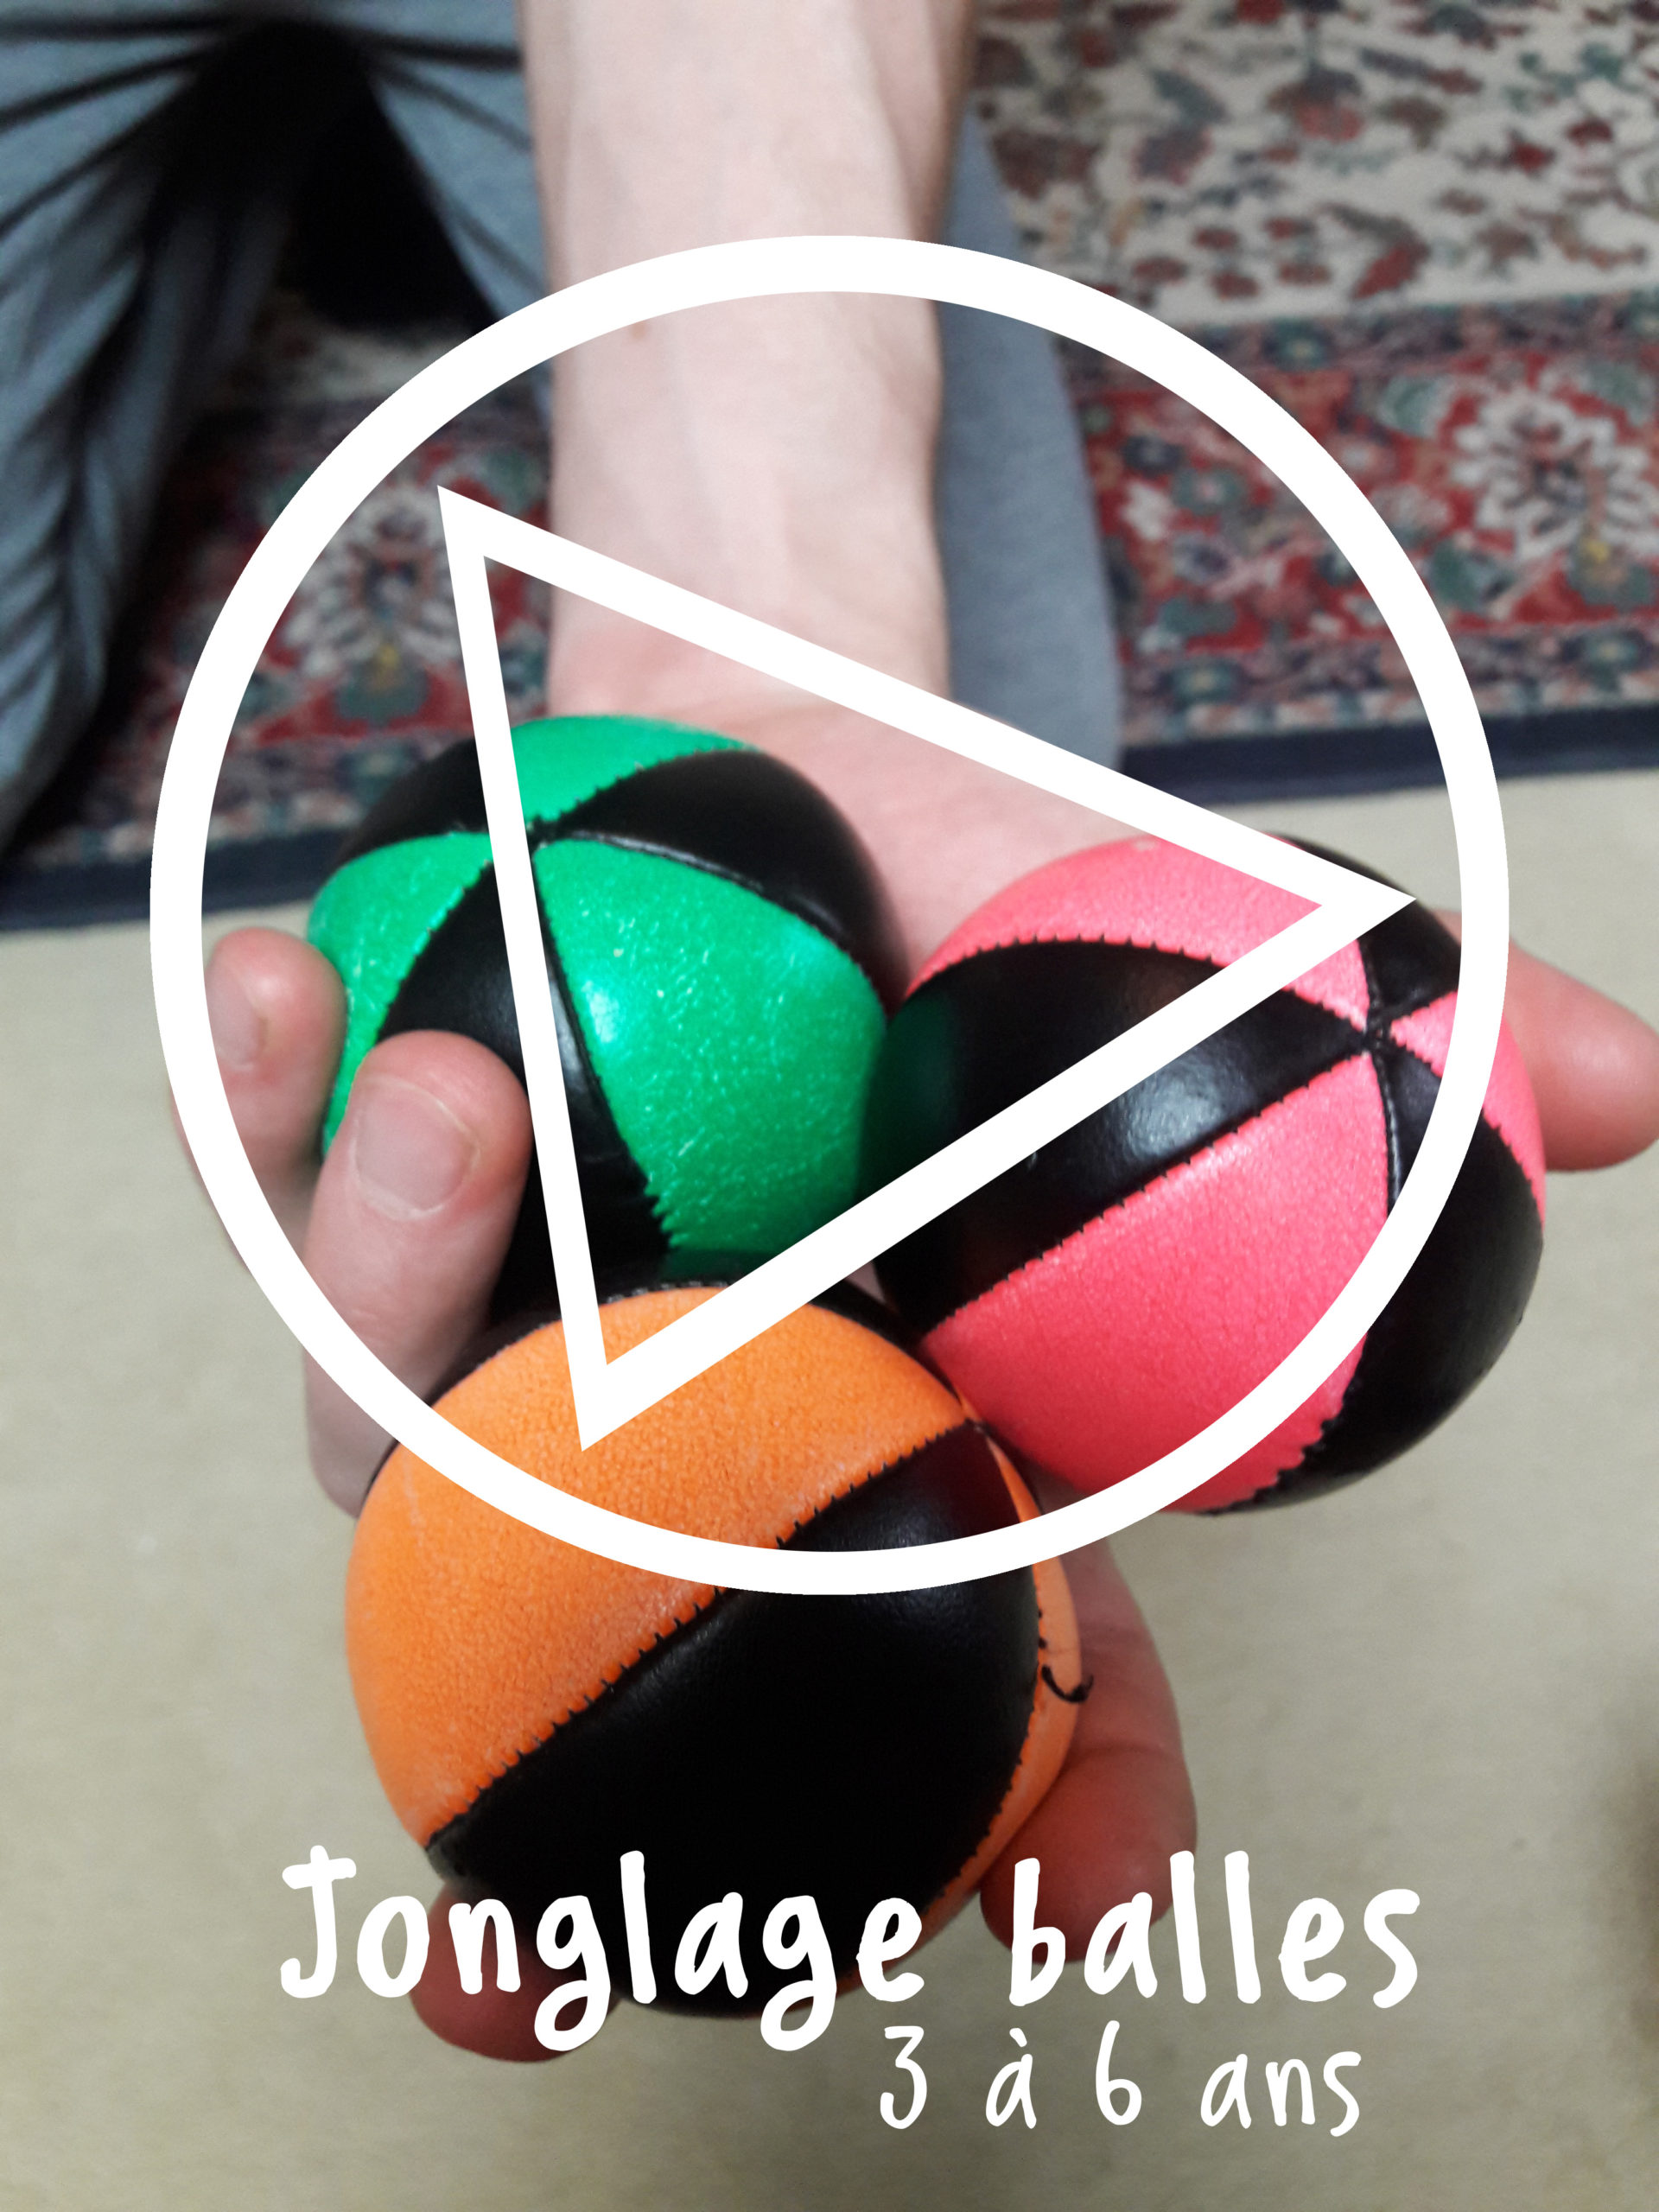 jonglage 3 à 6 ans